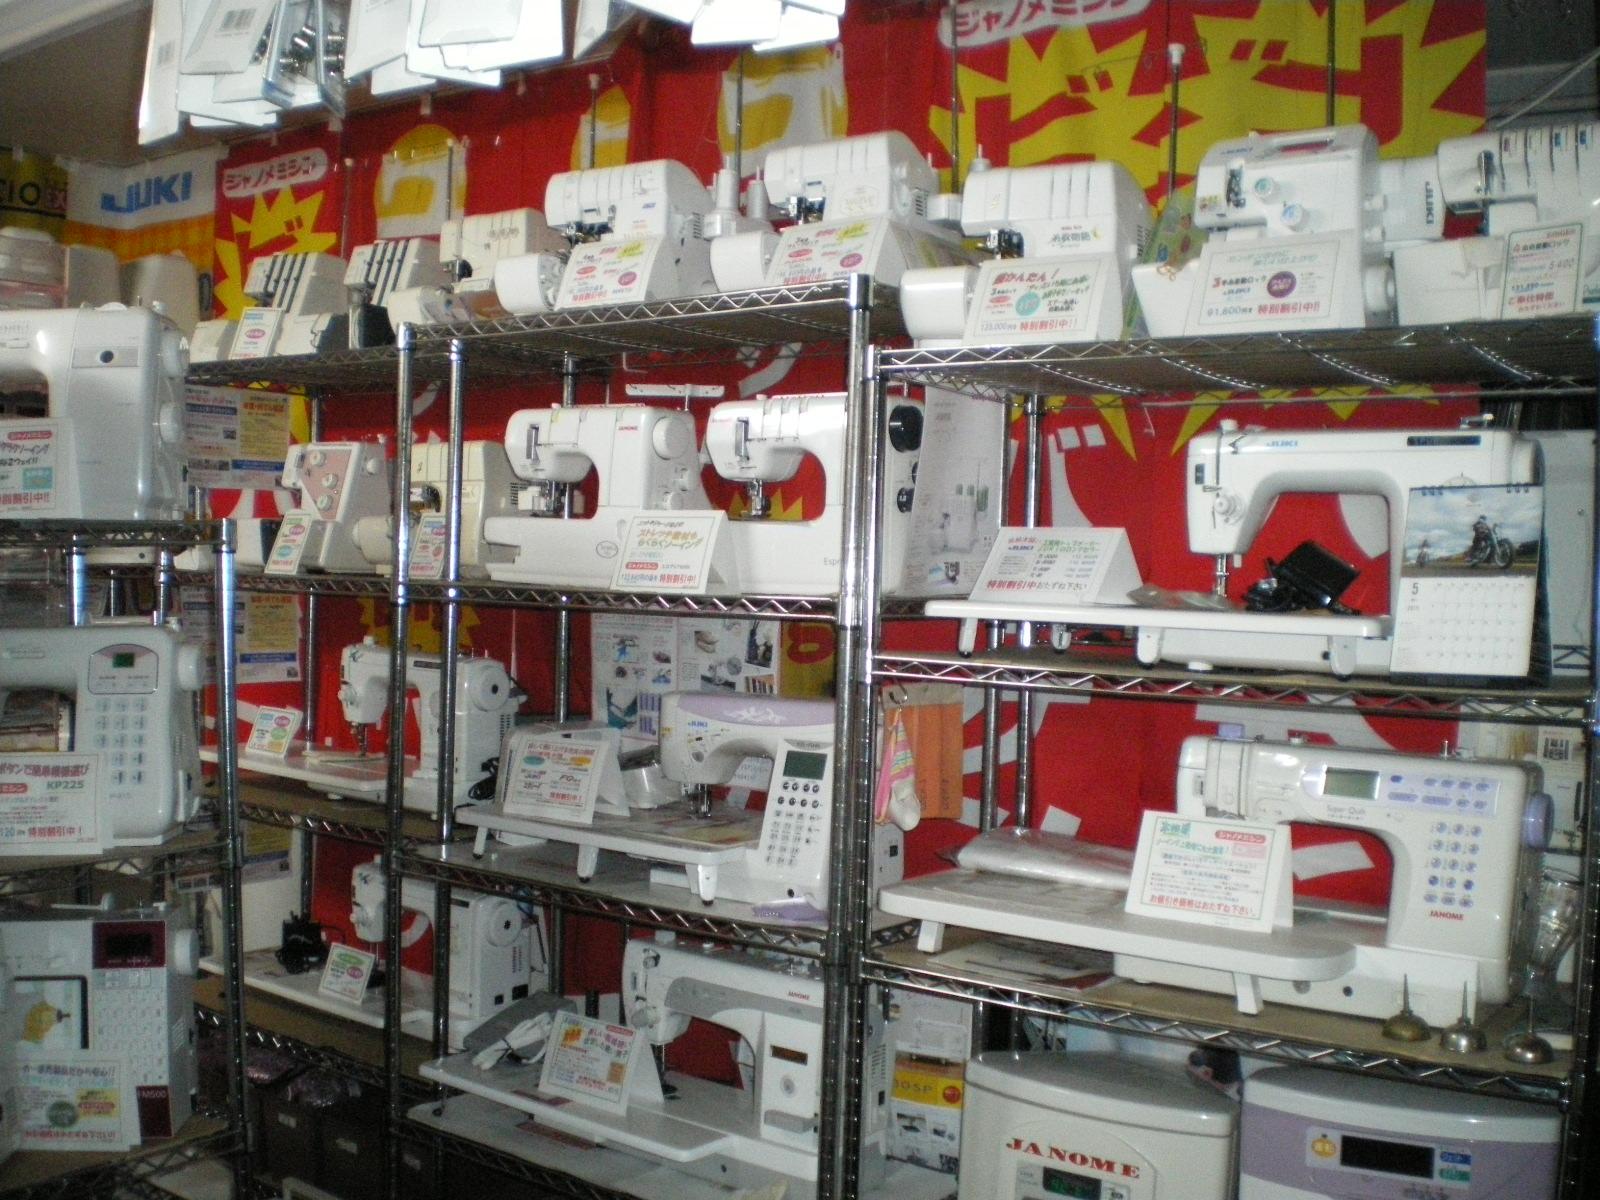 ジャノメミシン江別店:ミシン販売修理 江別市 北海道